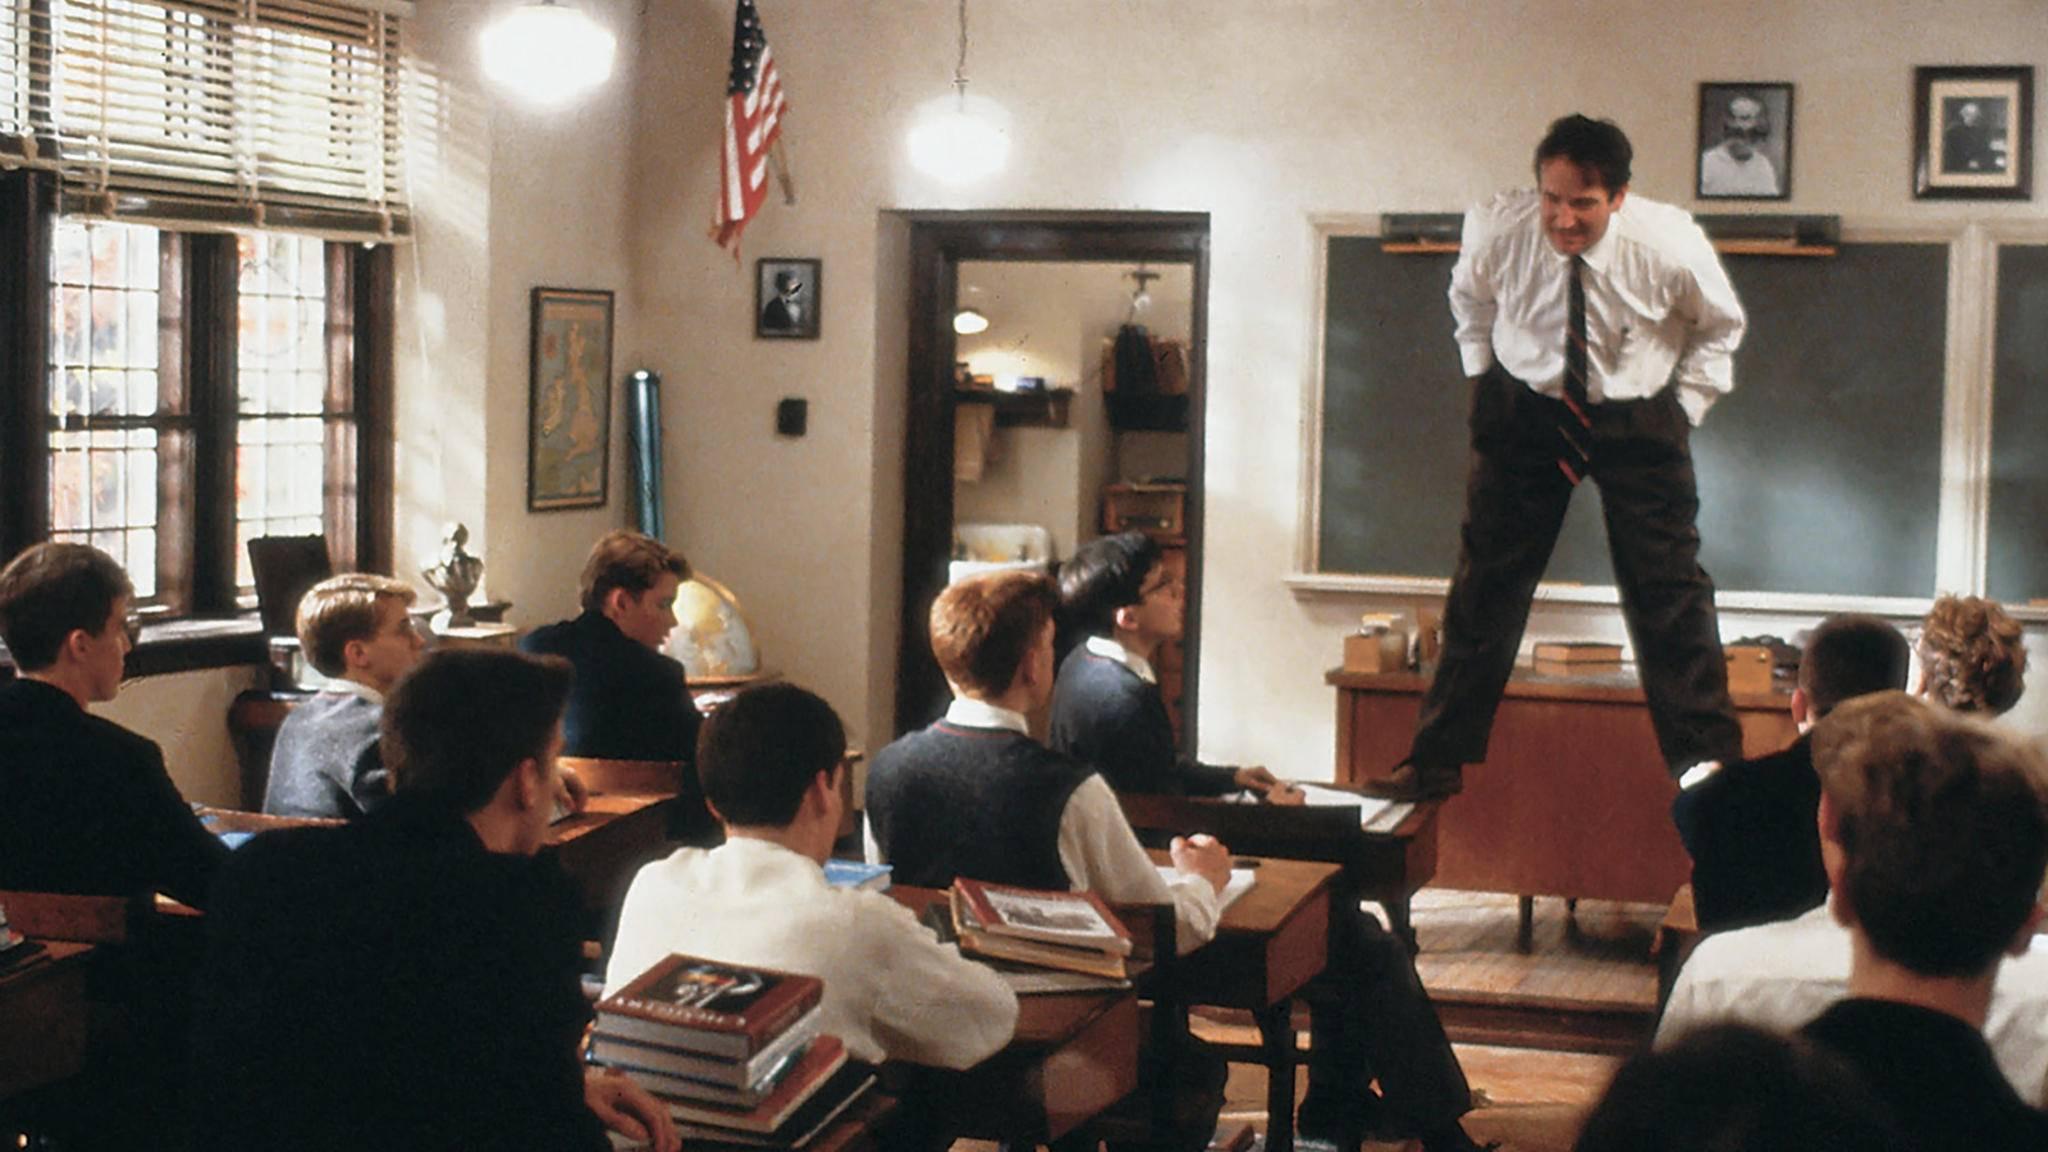 Wie einst Robin Williams: Wir erklären Filmbegriffe kurz und kompakt.